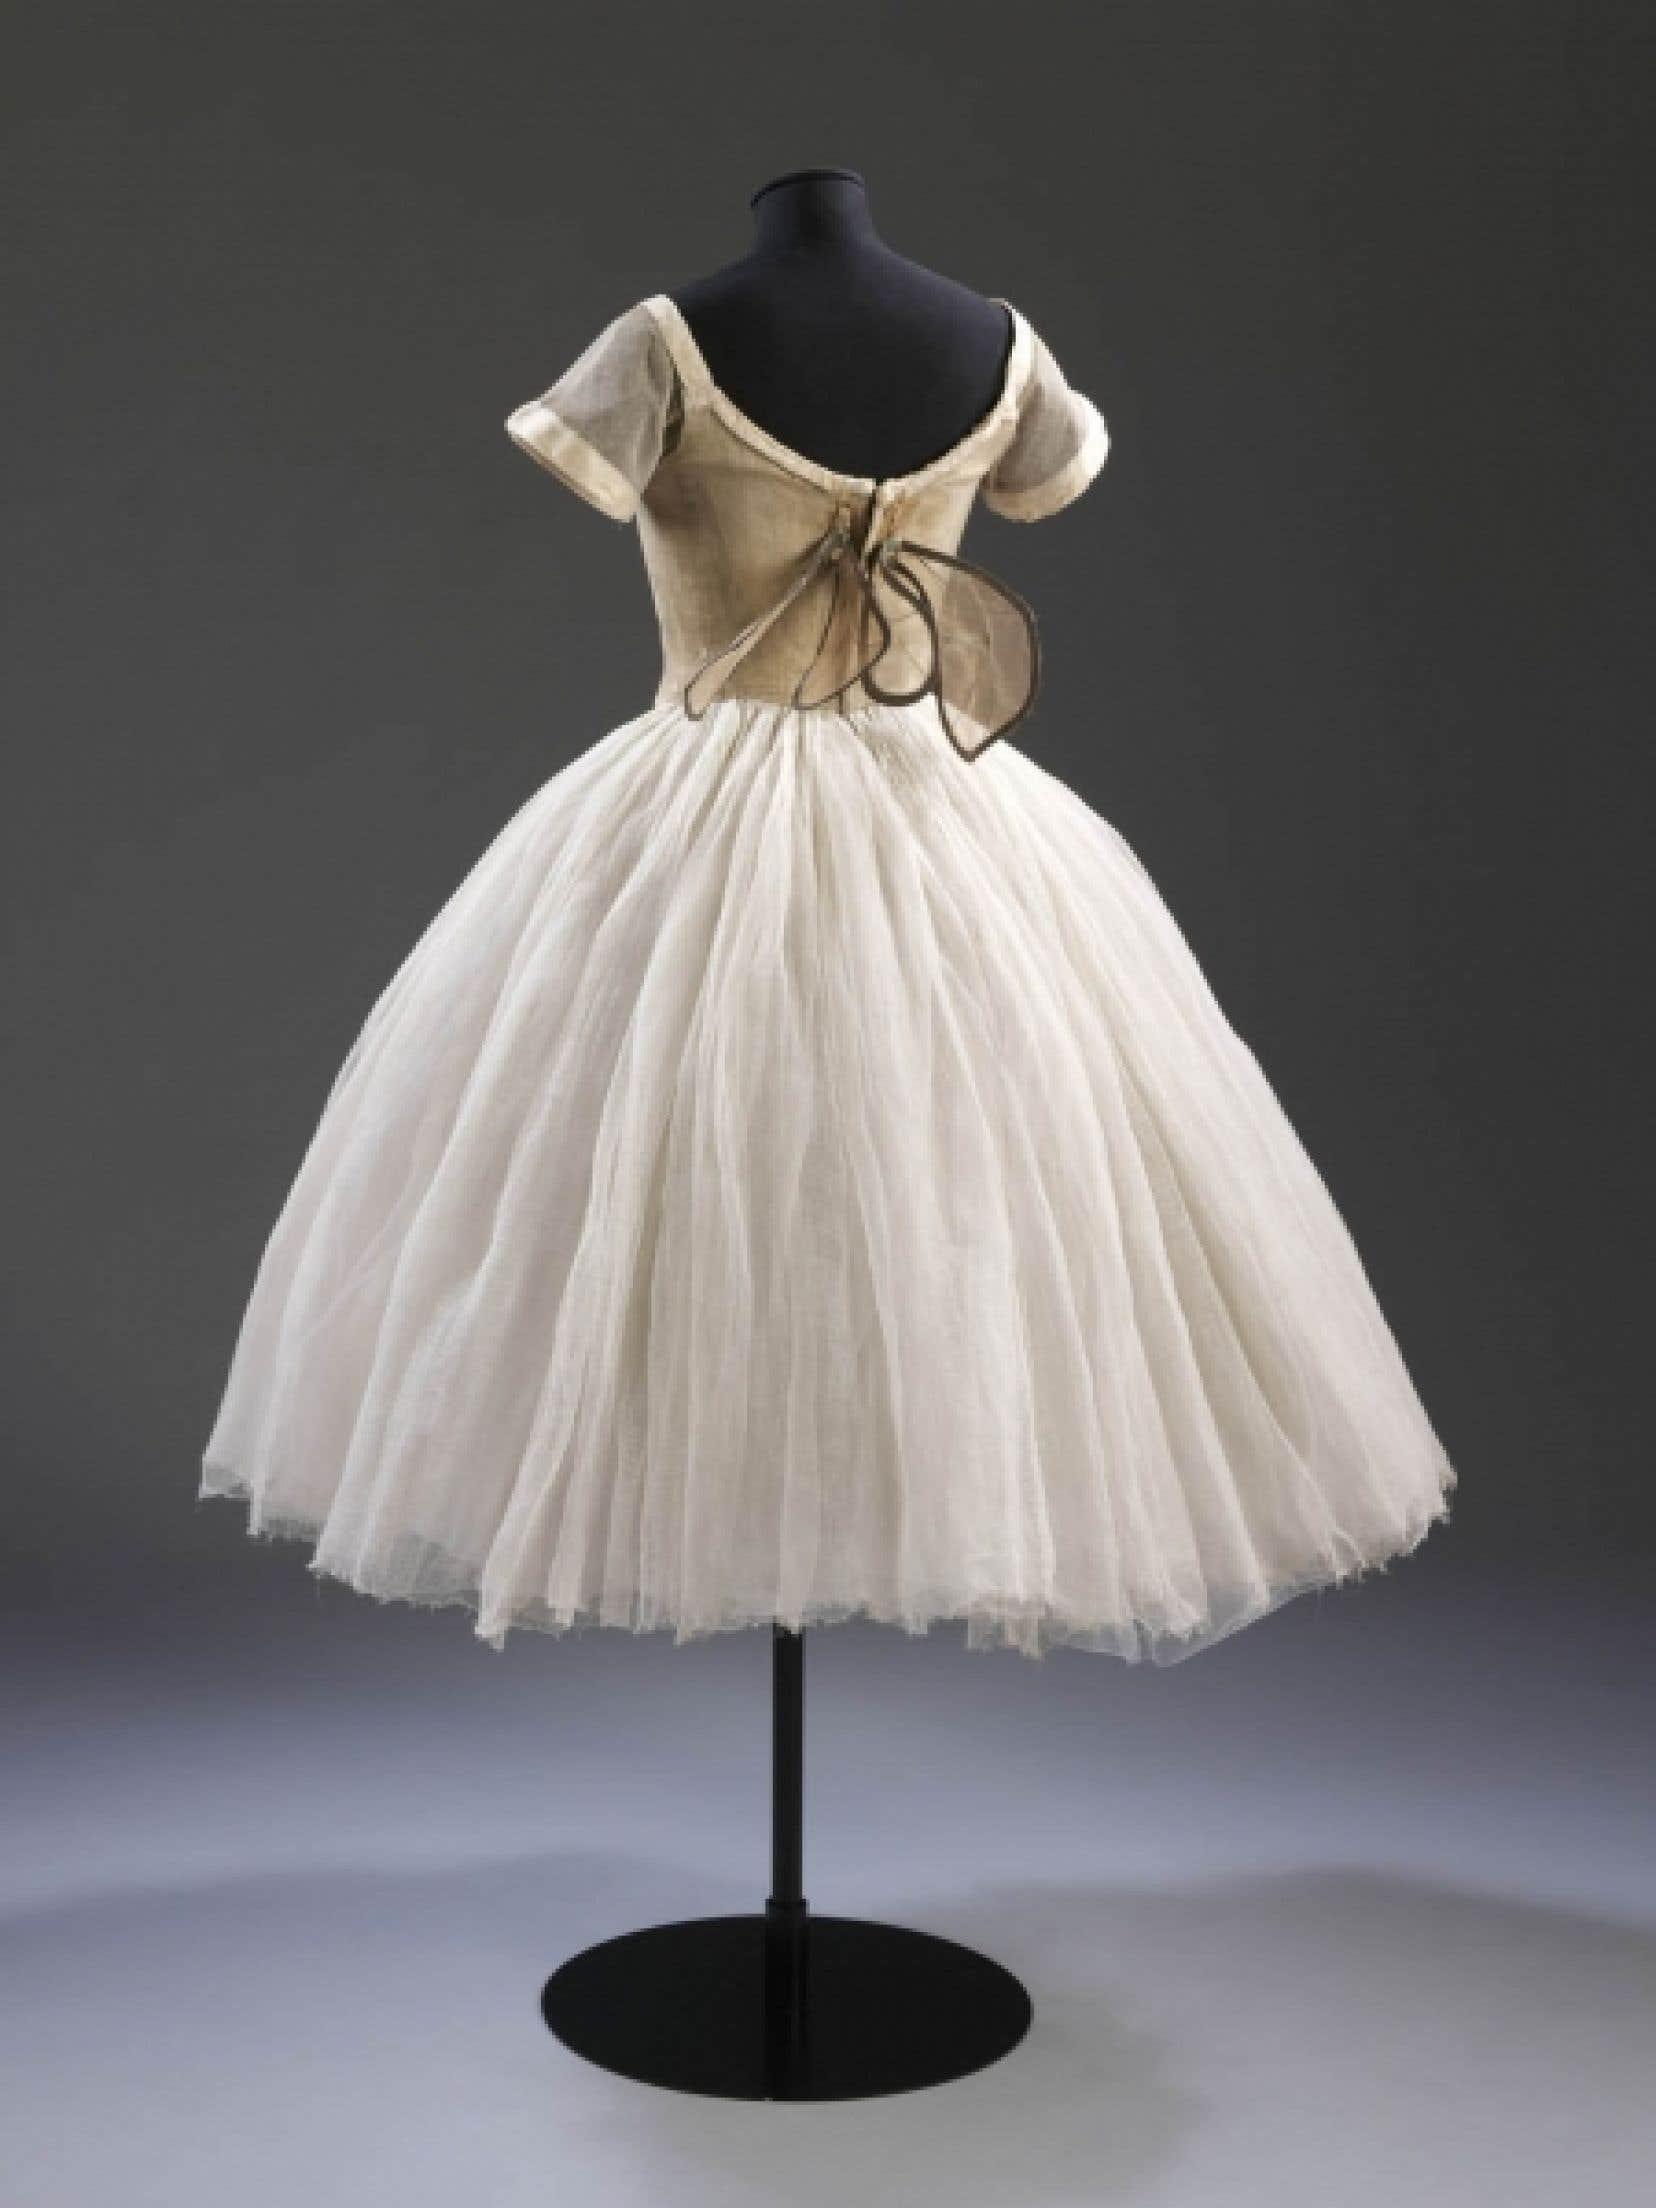 Costume de Sylphide, conçu par Alexandre Benois (1870-1960), porté par Lydia Lopokova, vers 1916. Soie, coton et tarlatane, armature métallique pour les ailes. (V&A: S.874, 1980)<br />